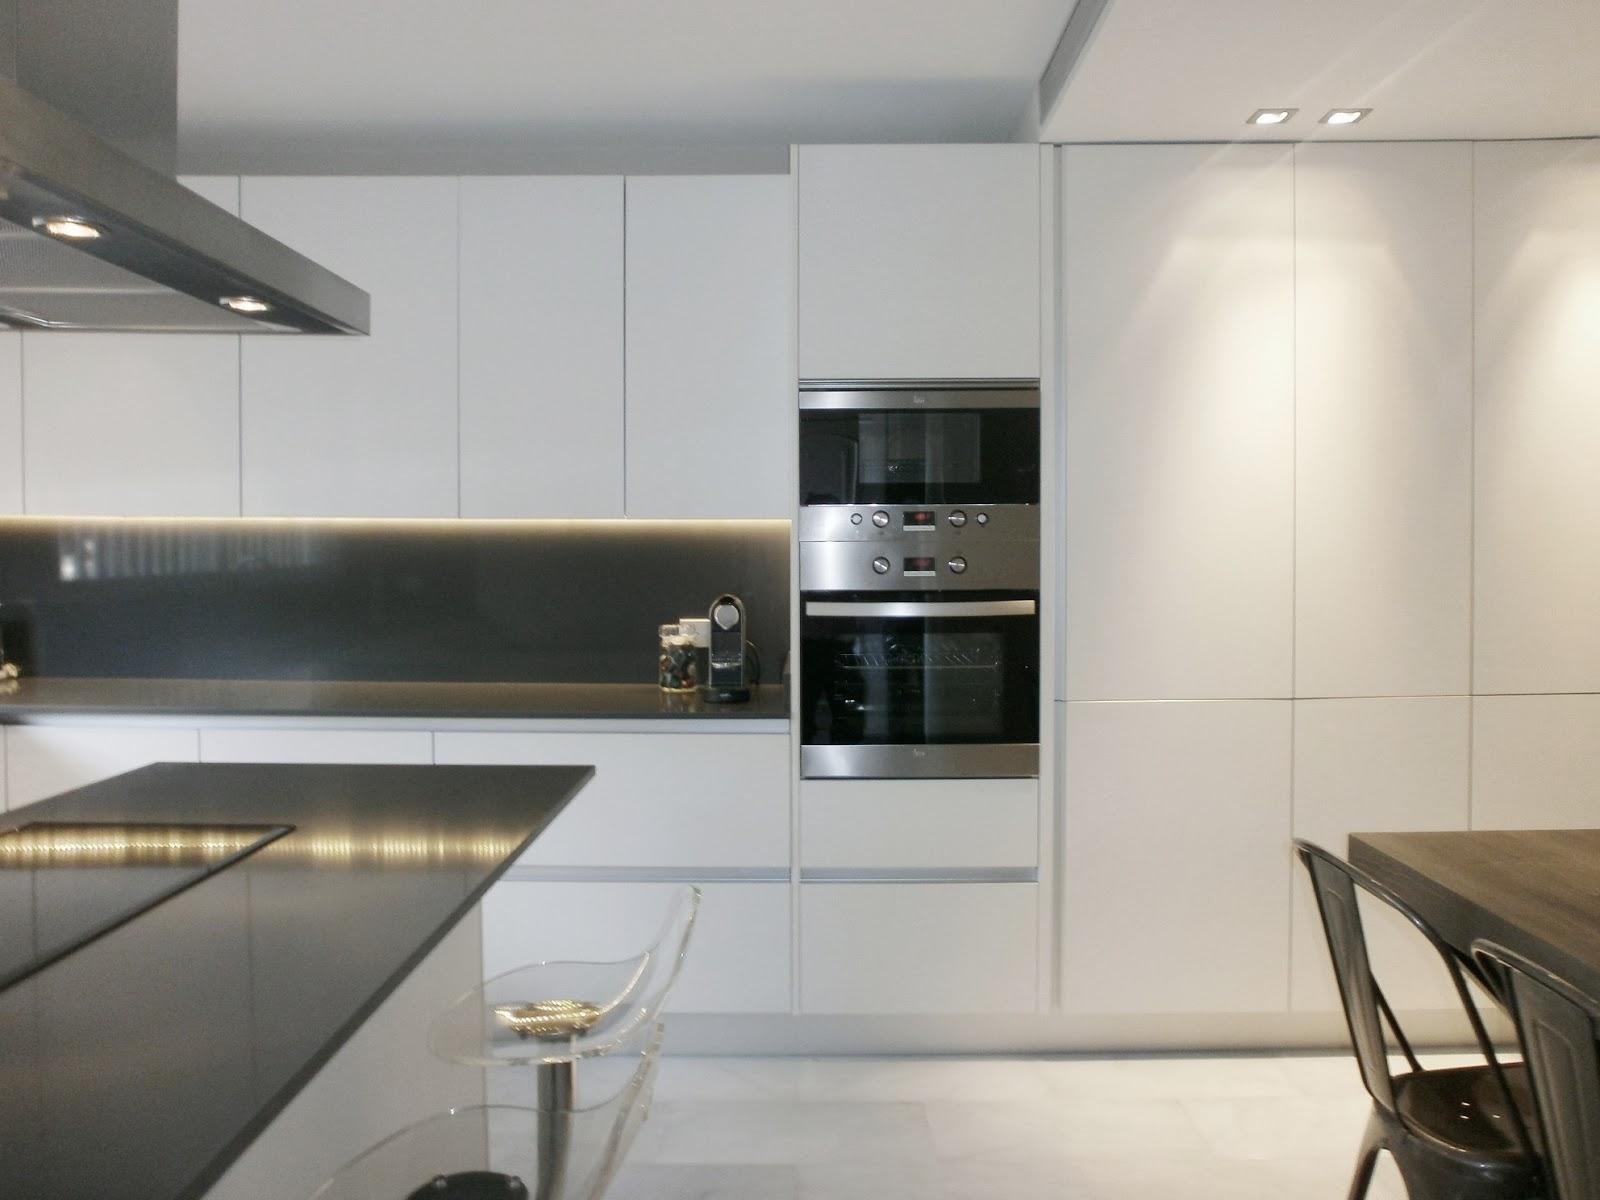 Encantadora cocina blanca independiente con isla y office for Cocinas blancas